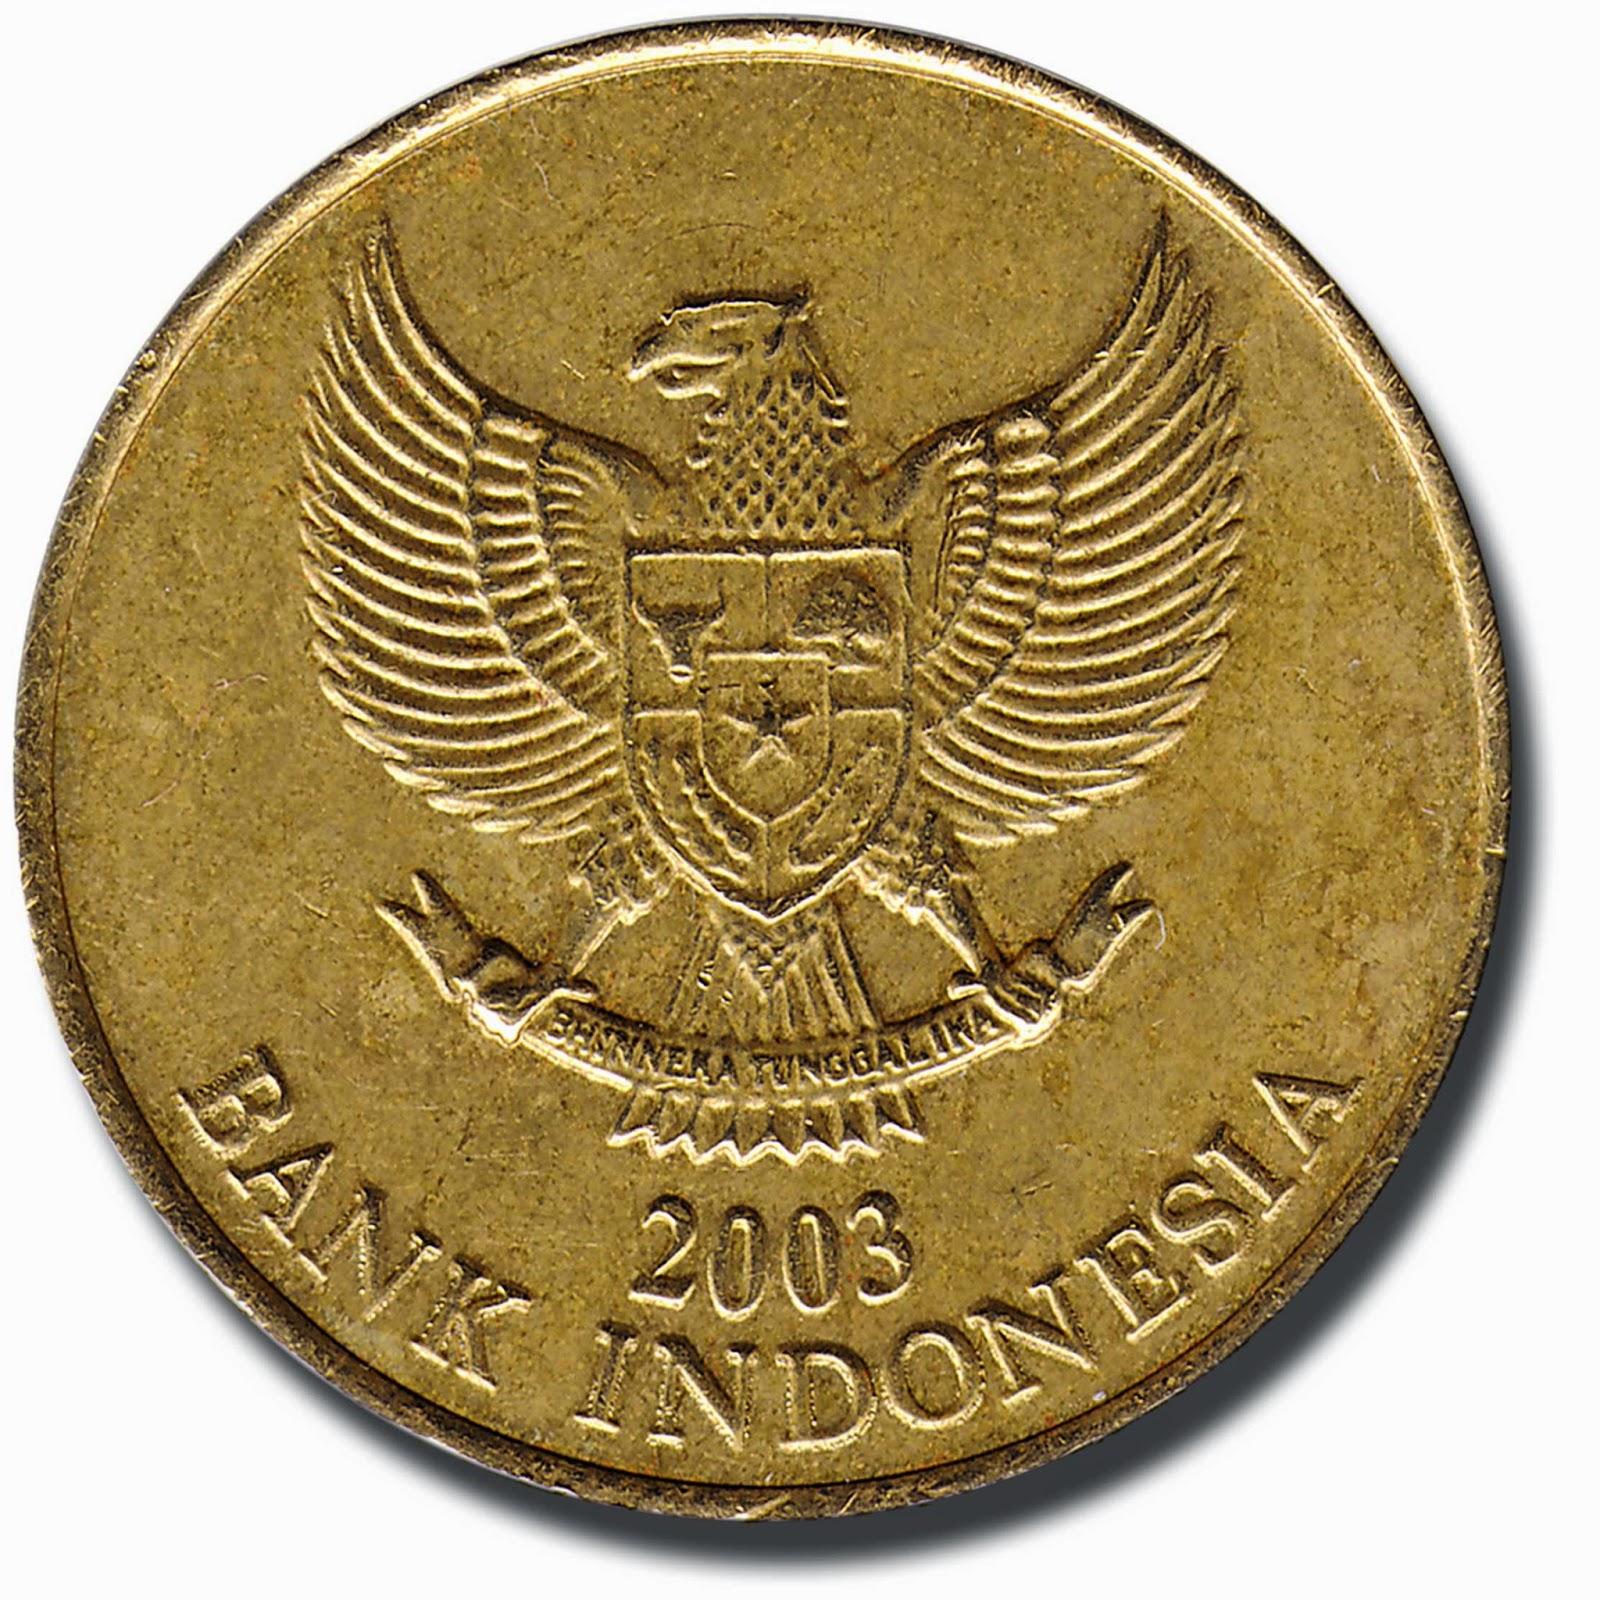 Image Gambar Untuk Semua: Souvenir Koin Logam Rp 1000 ...